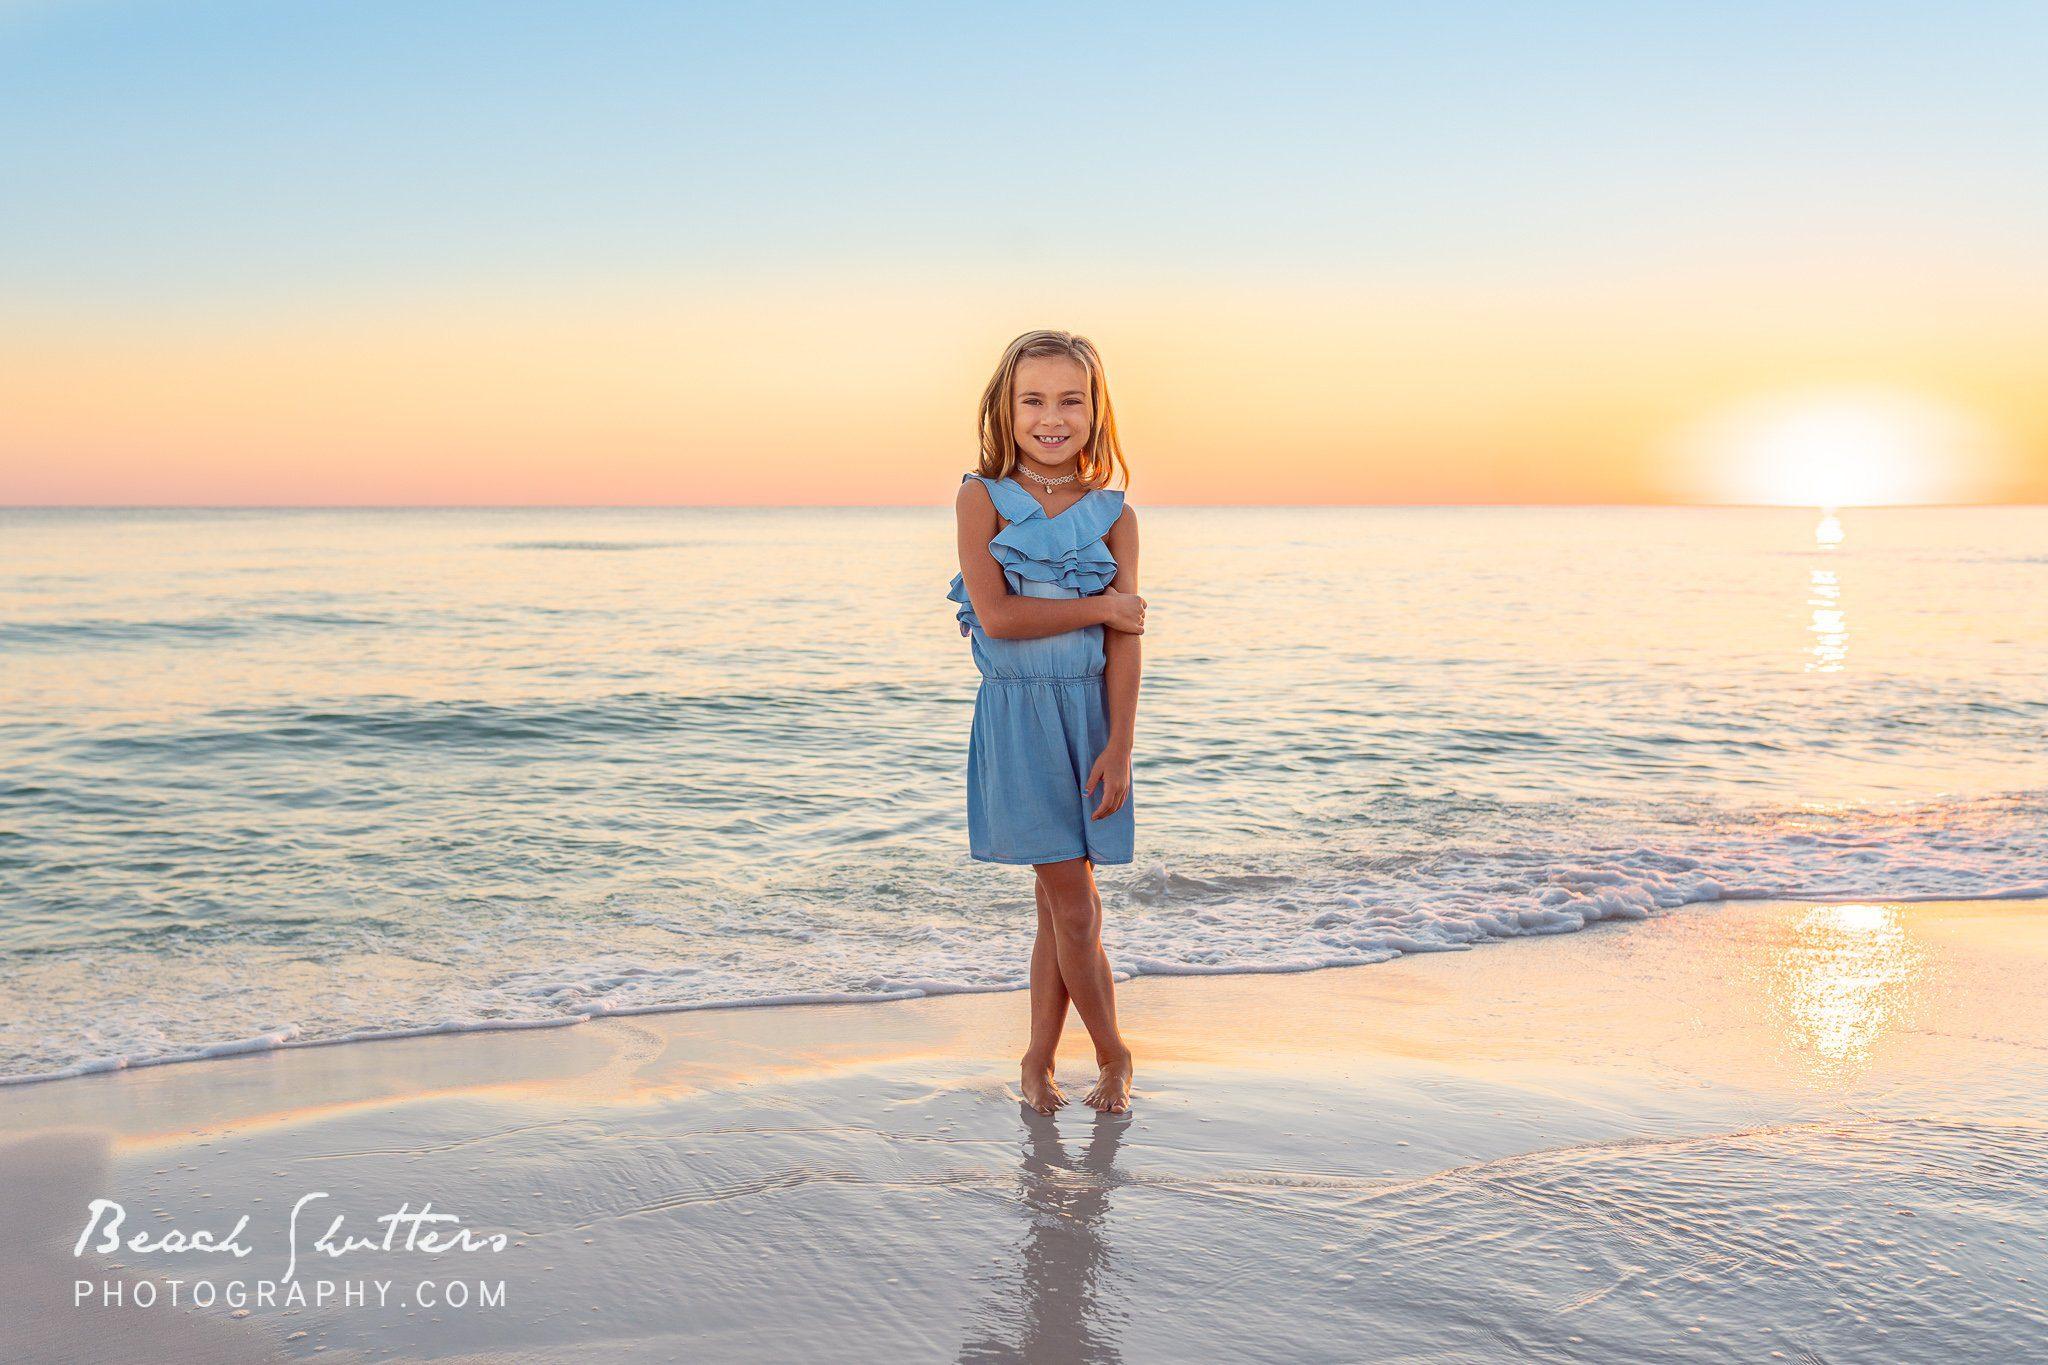 Seaside photography